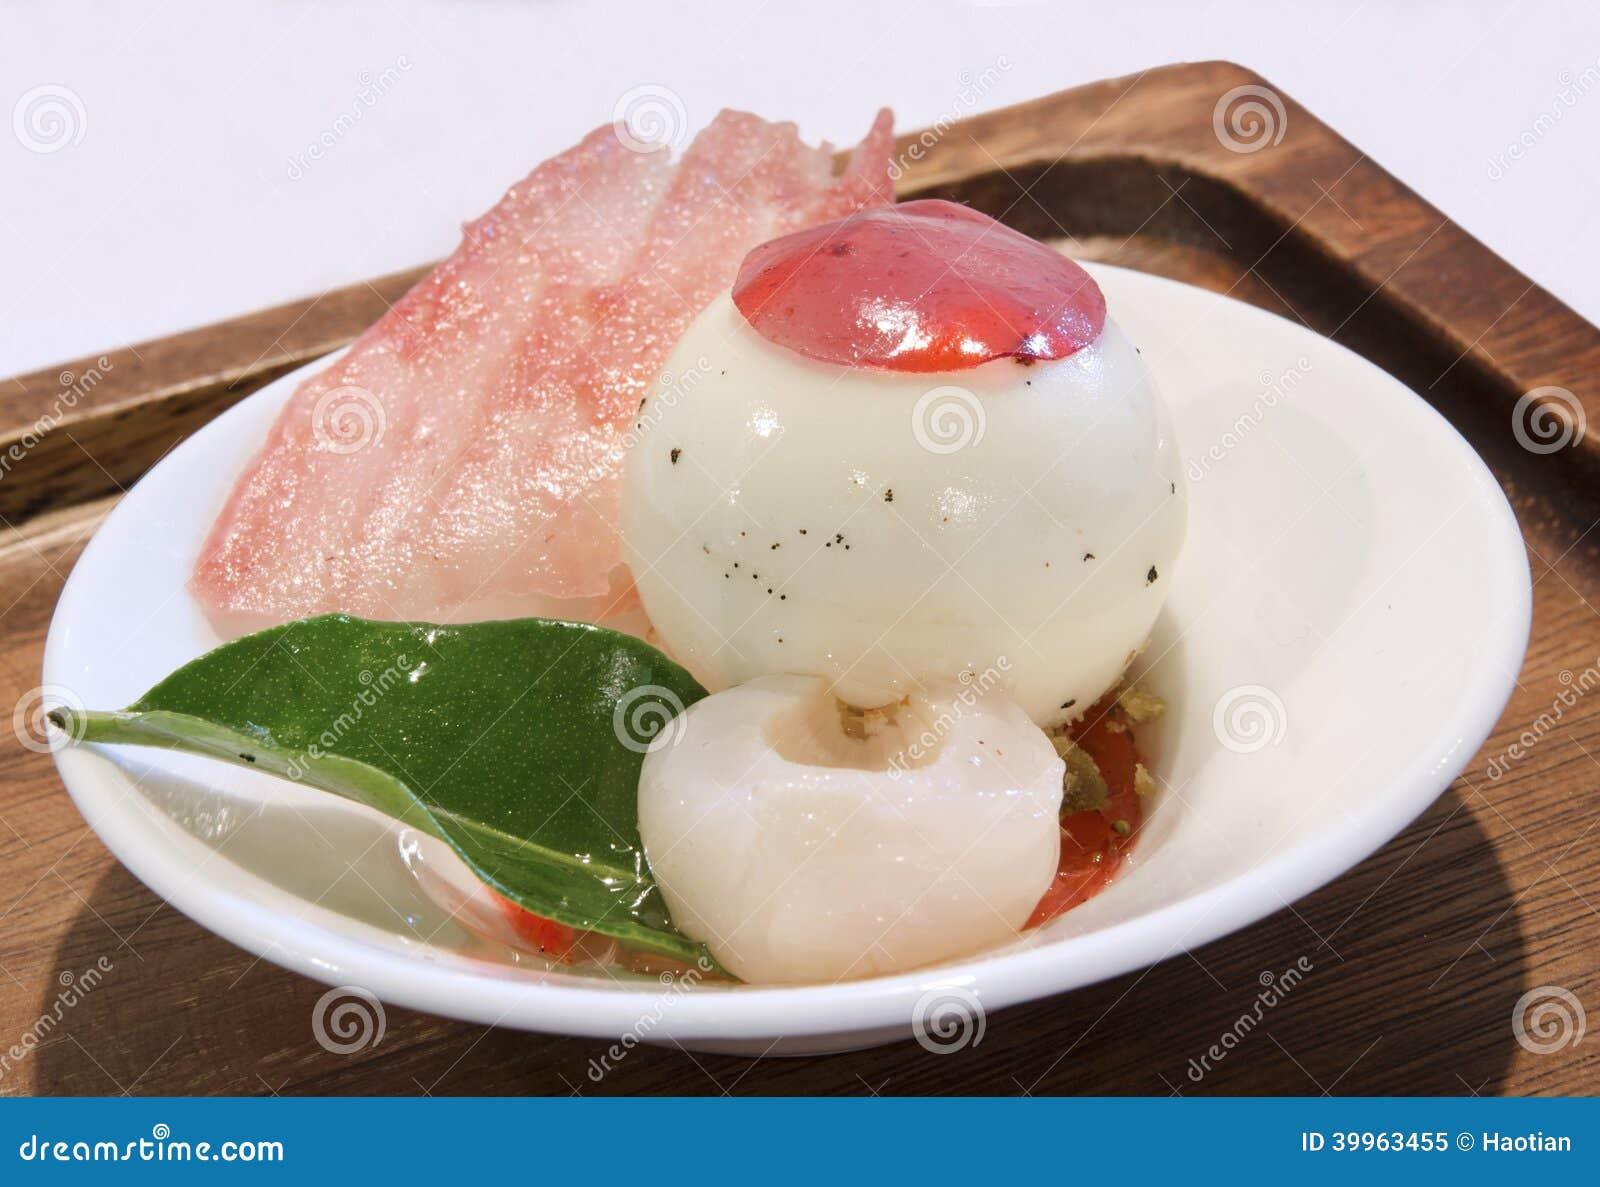 dessert de litchi image stock image du dessert cuisine 39963455. Black Bedroom Furniture Sets. Home Design Ideas